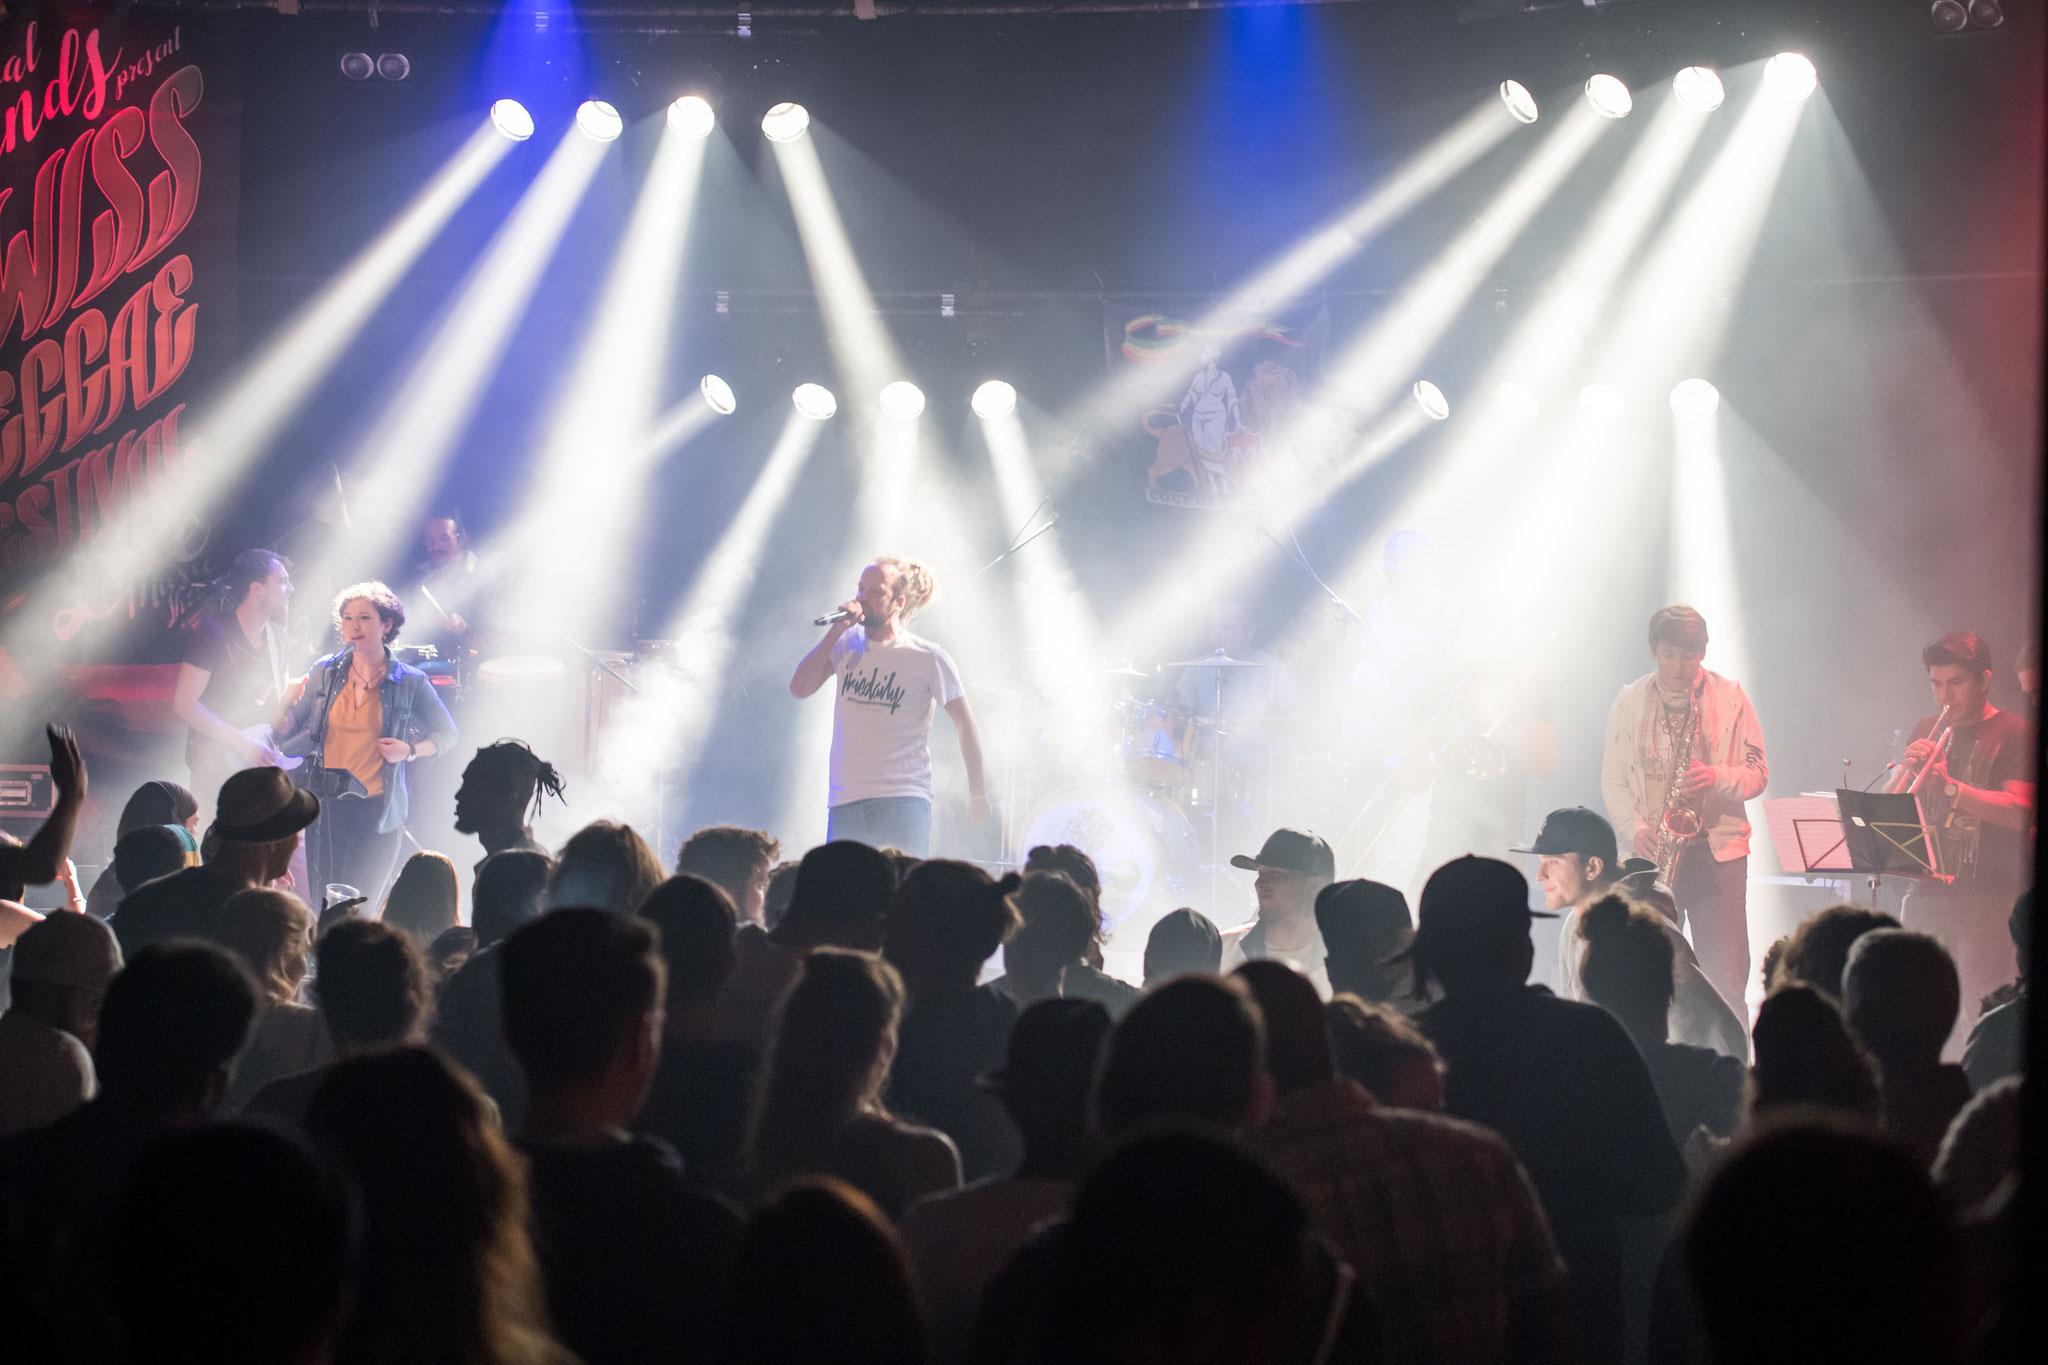 Swiss Reggae Festival, 27.10.17.